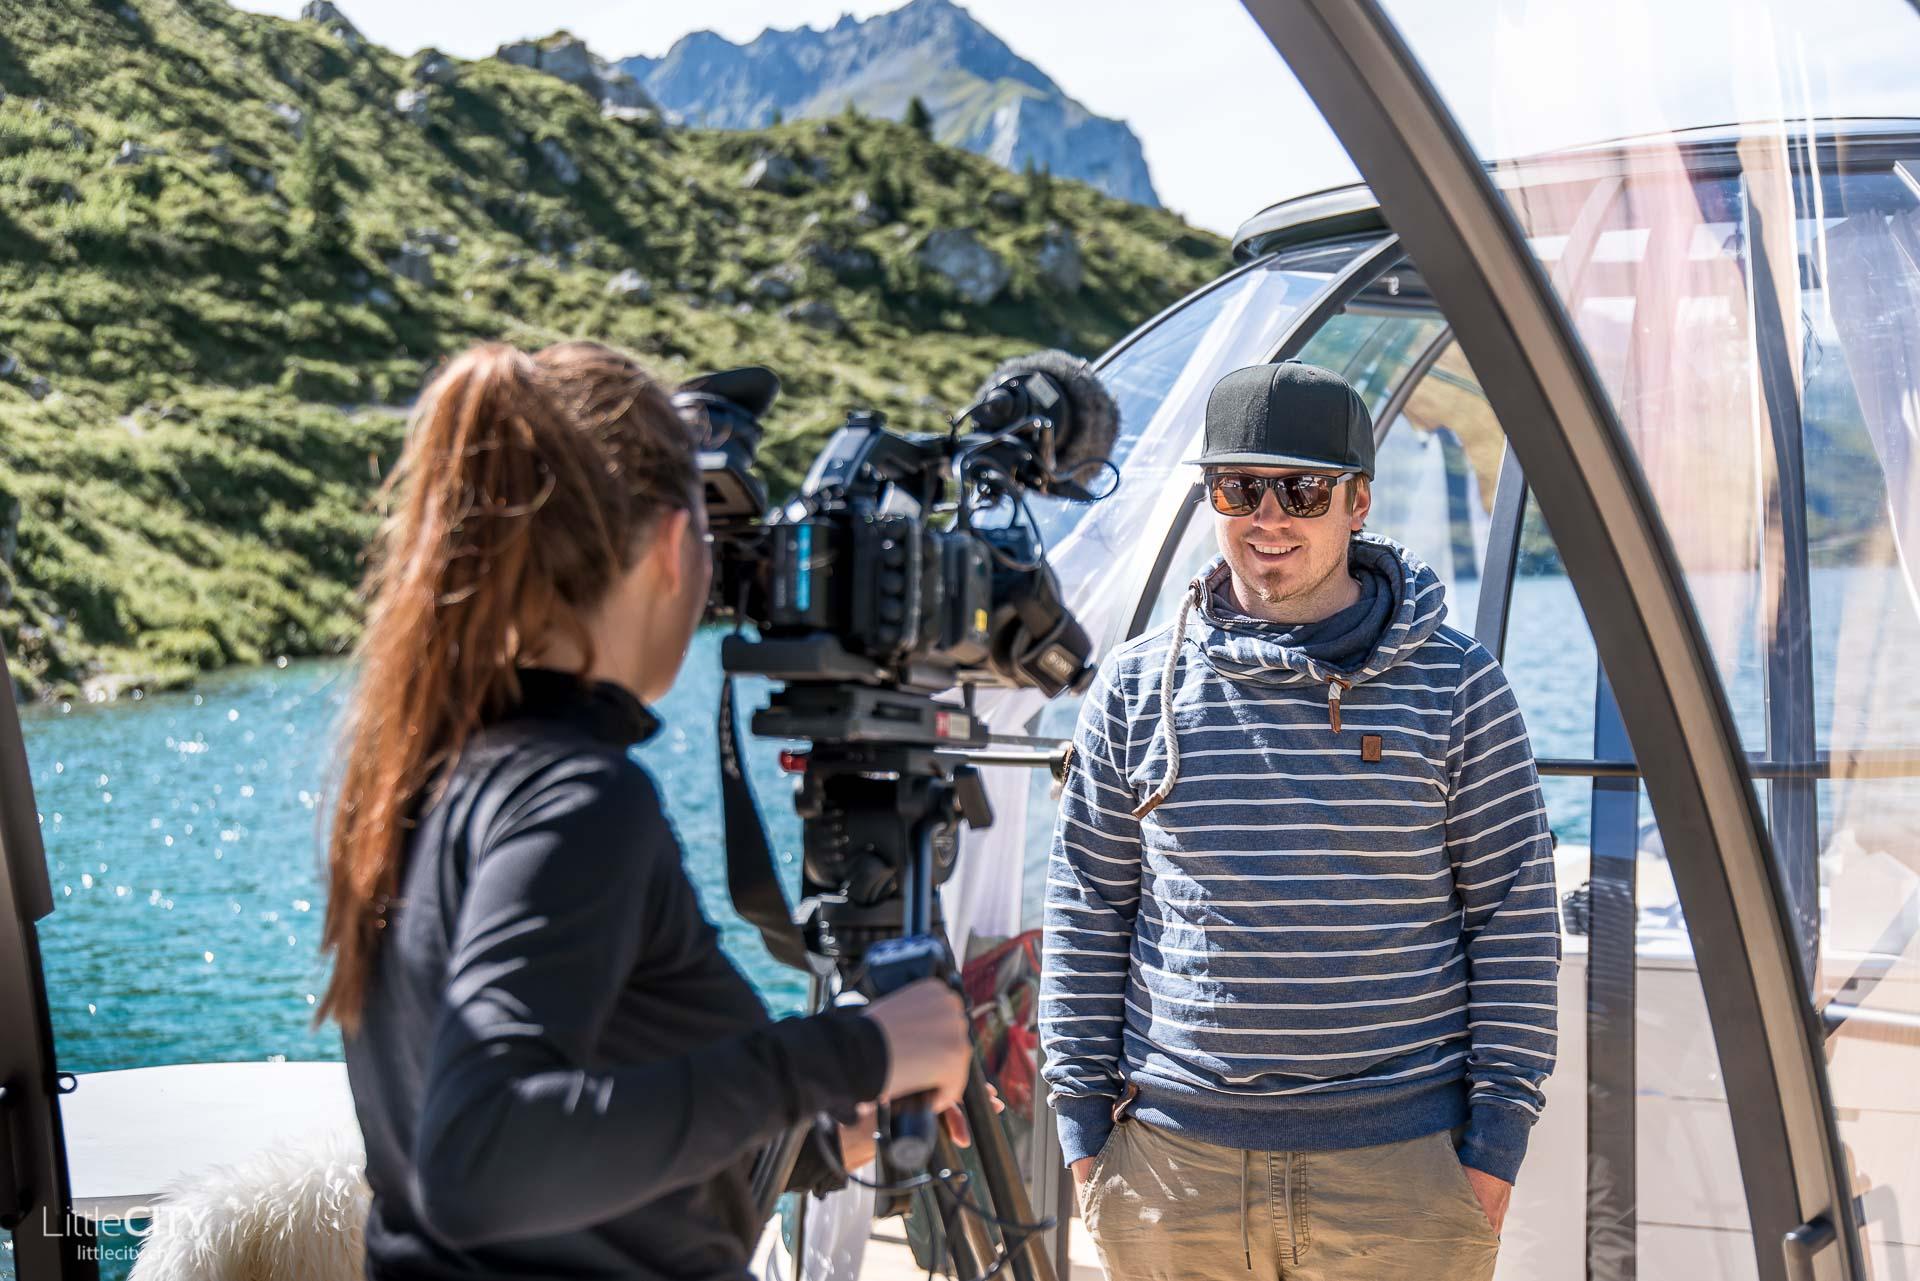 RTR im Bergsee Bungalow - Adi von LittleCITY im Interview